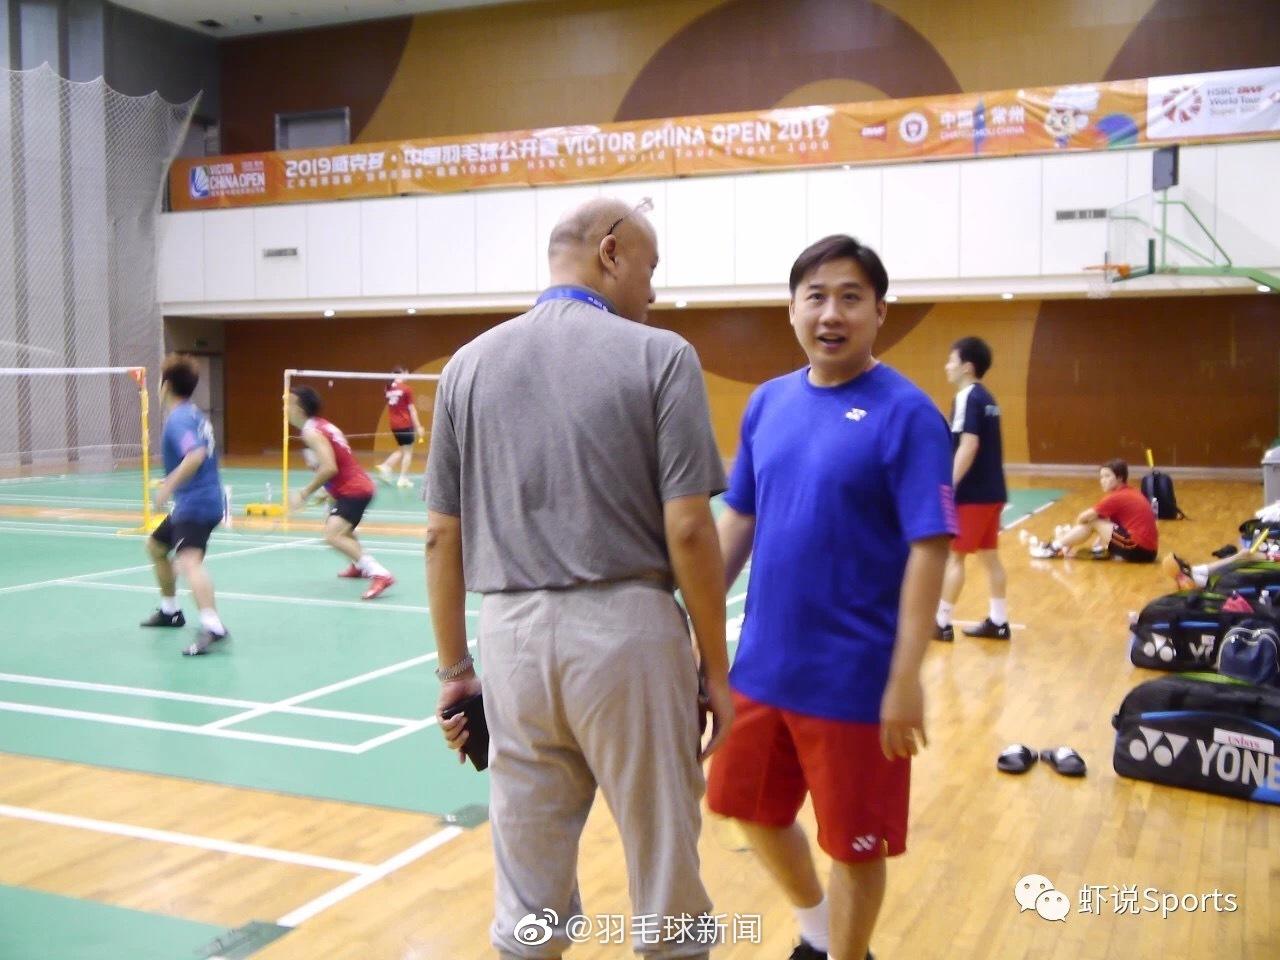 李矛与日本混双主教练颜伟德 日本男双教练陈金和 韩国教练河泰权 日